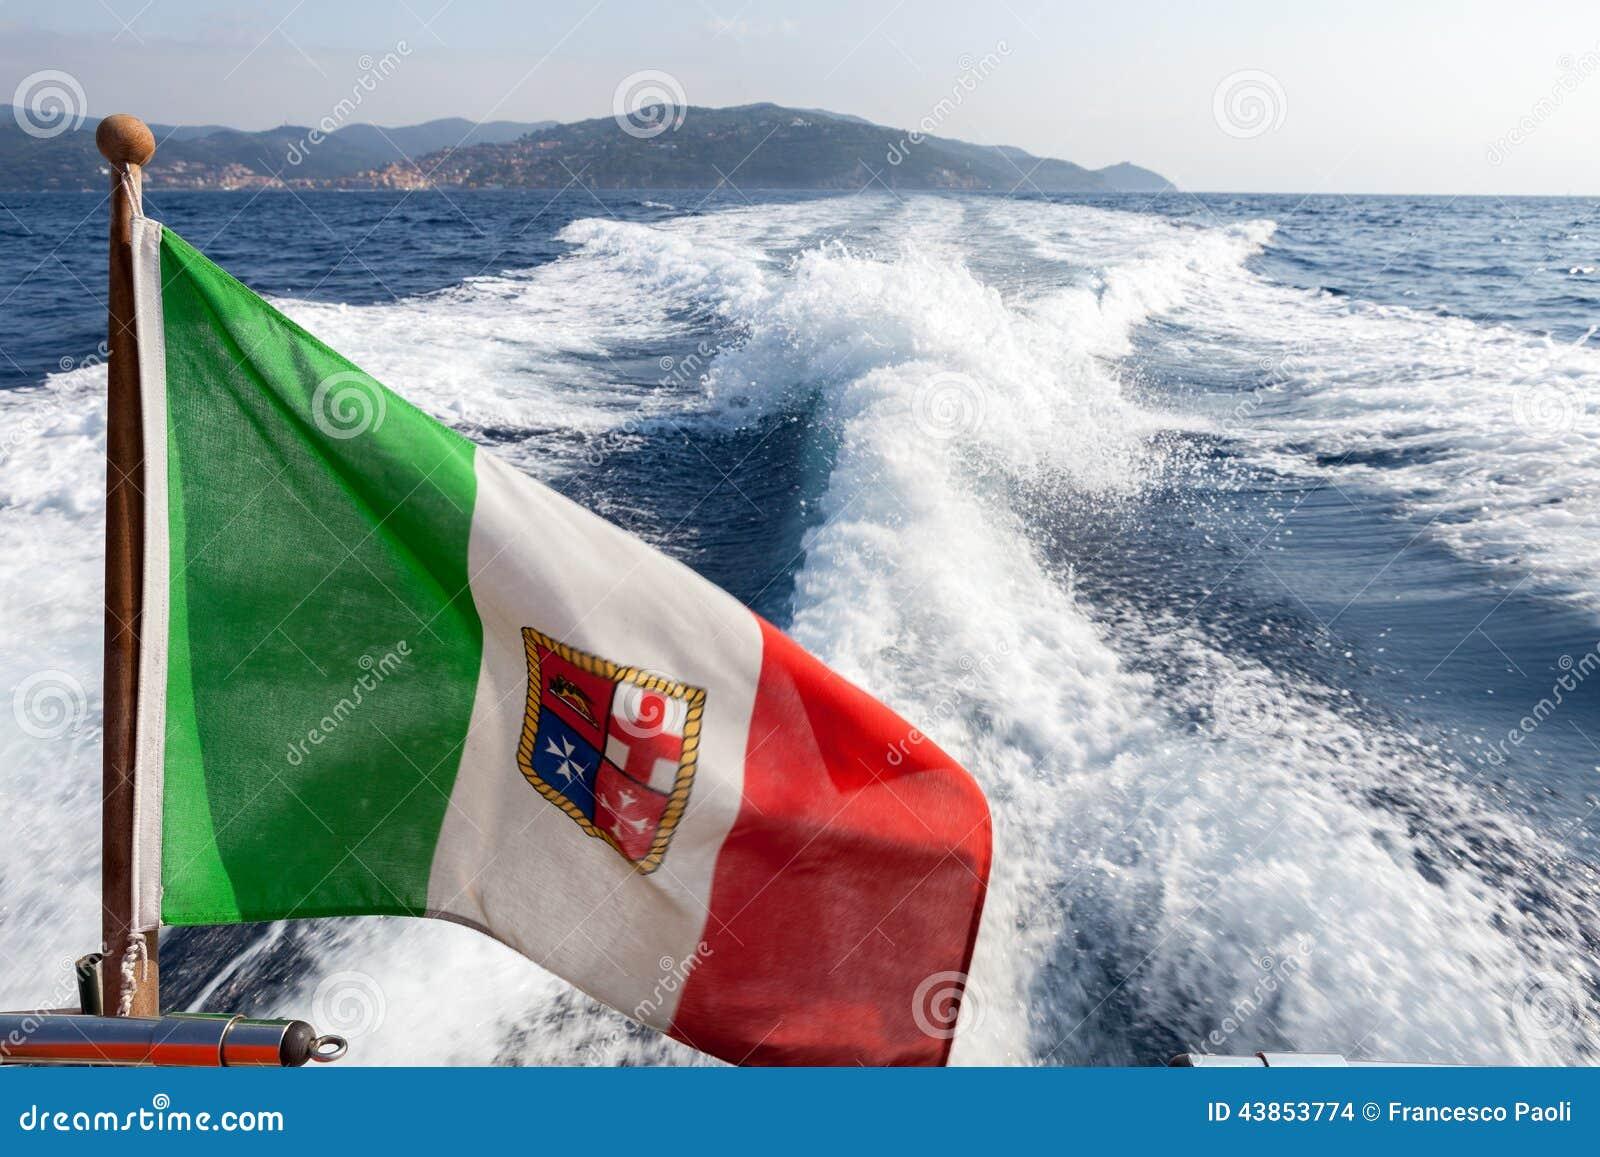 Italian Flag On Yacht. Argentario, Italian Coast Stock Photo - Image: 43853774